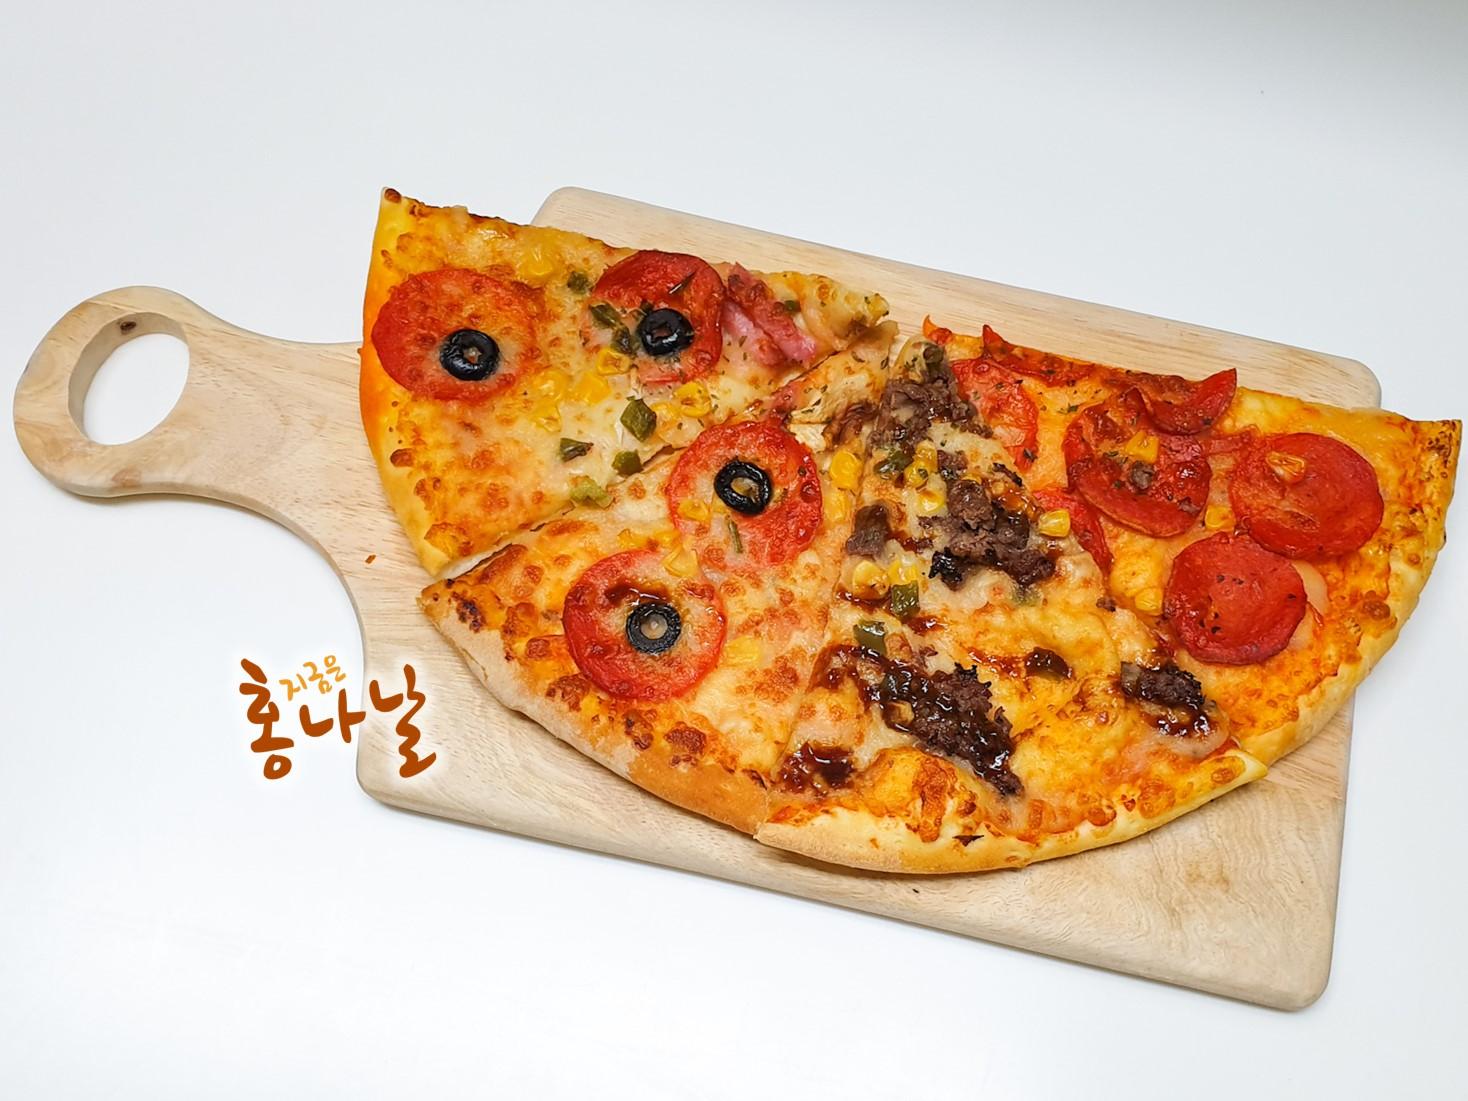 [떠먹는 피자] 남은 피자